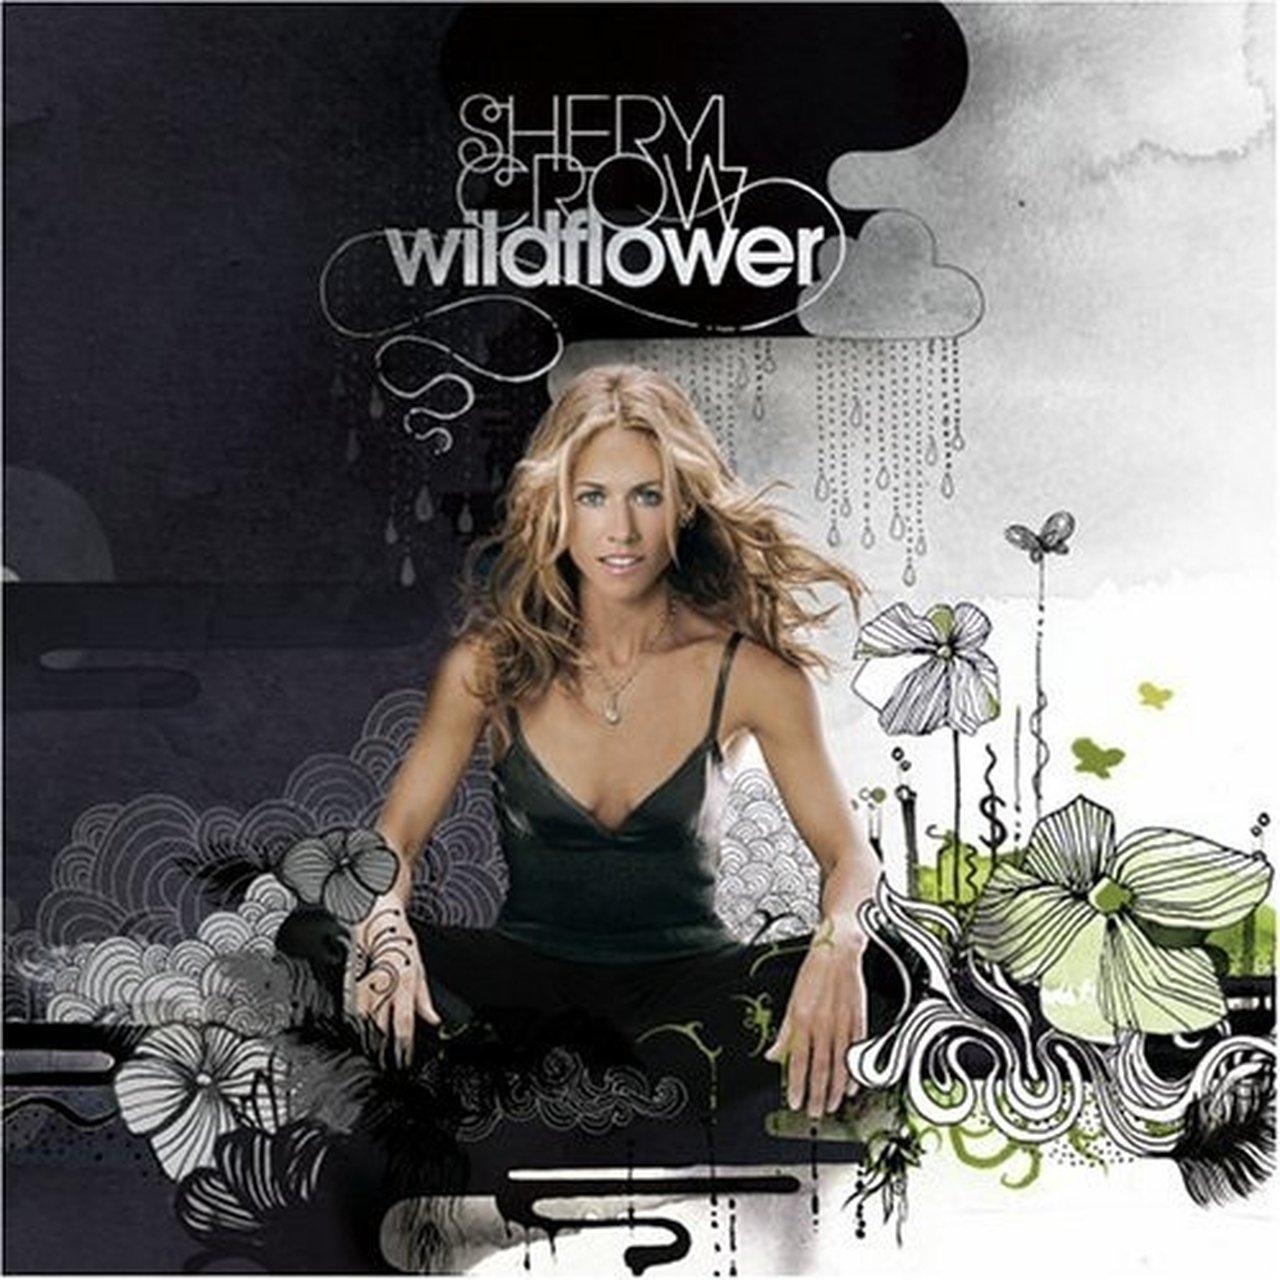 Sheryl Crow, Wildflower